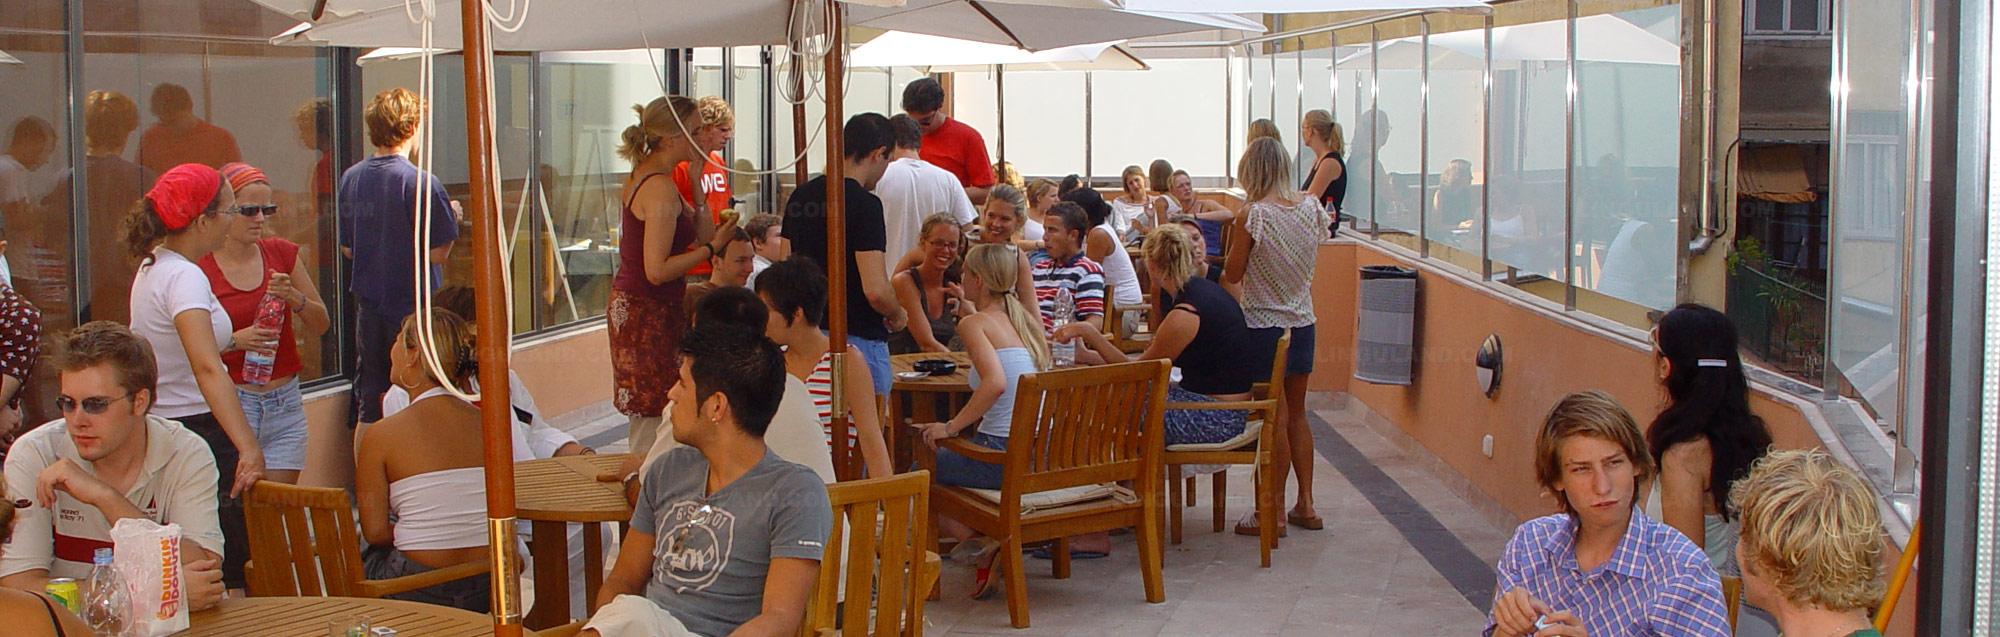 Experiencias y evaluaciones de Enforex Barcelona